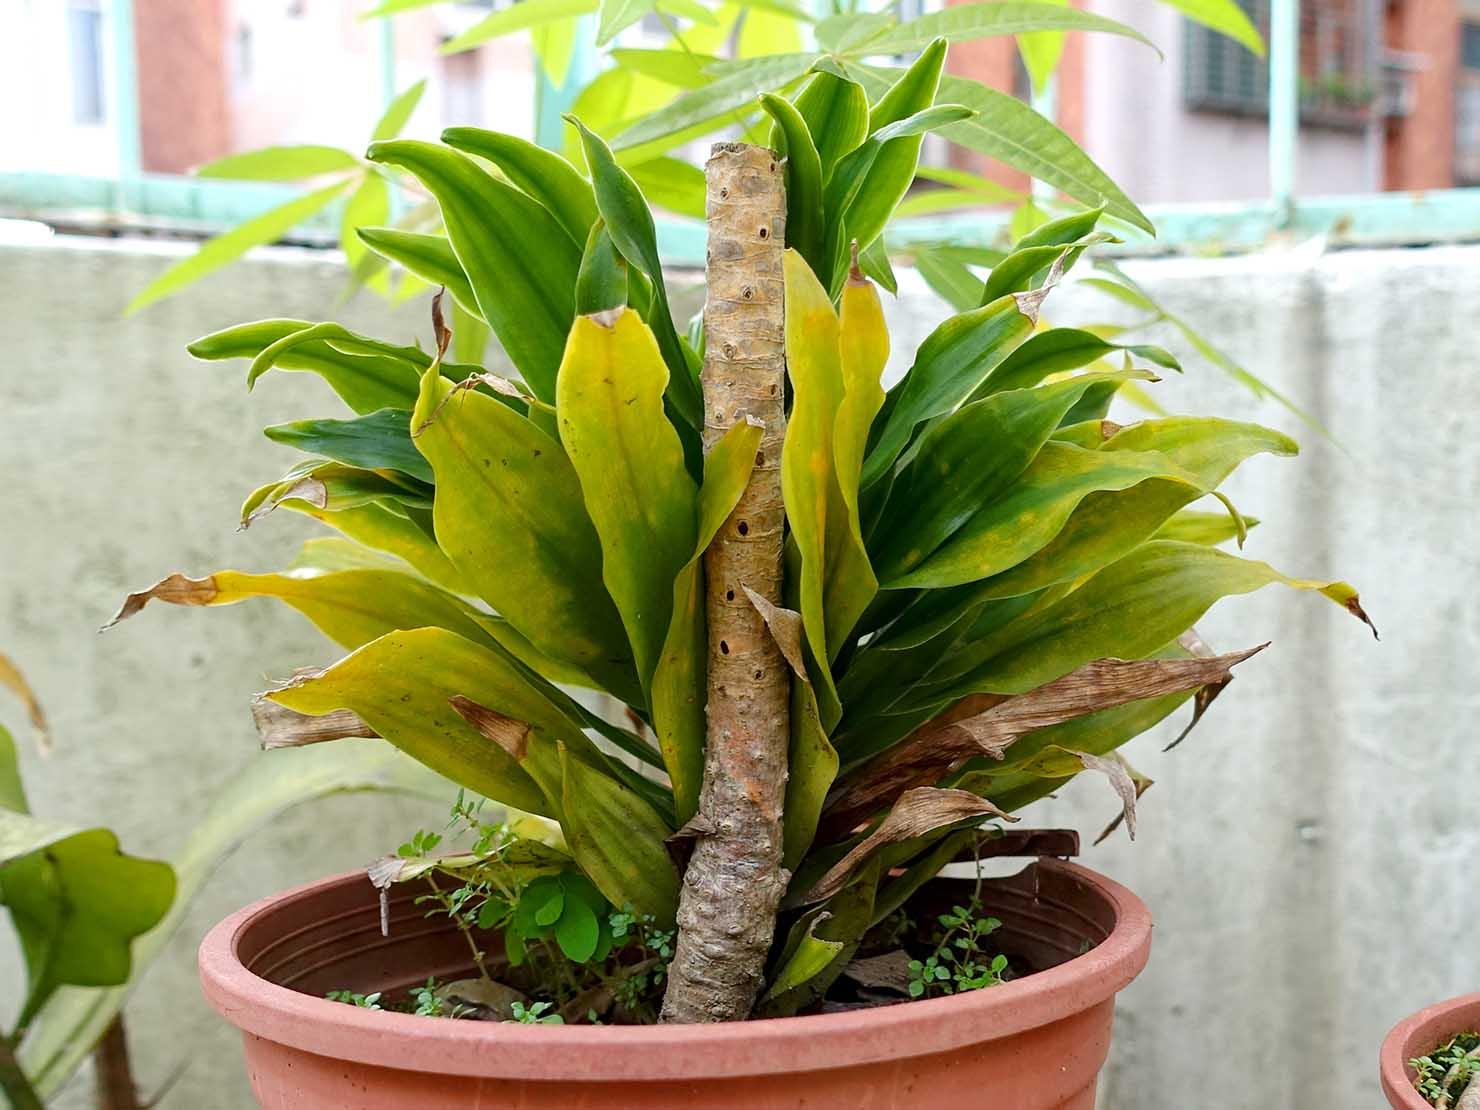 台湾生活で育てている植物「阿波羅千年木」の幹